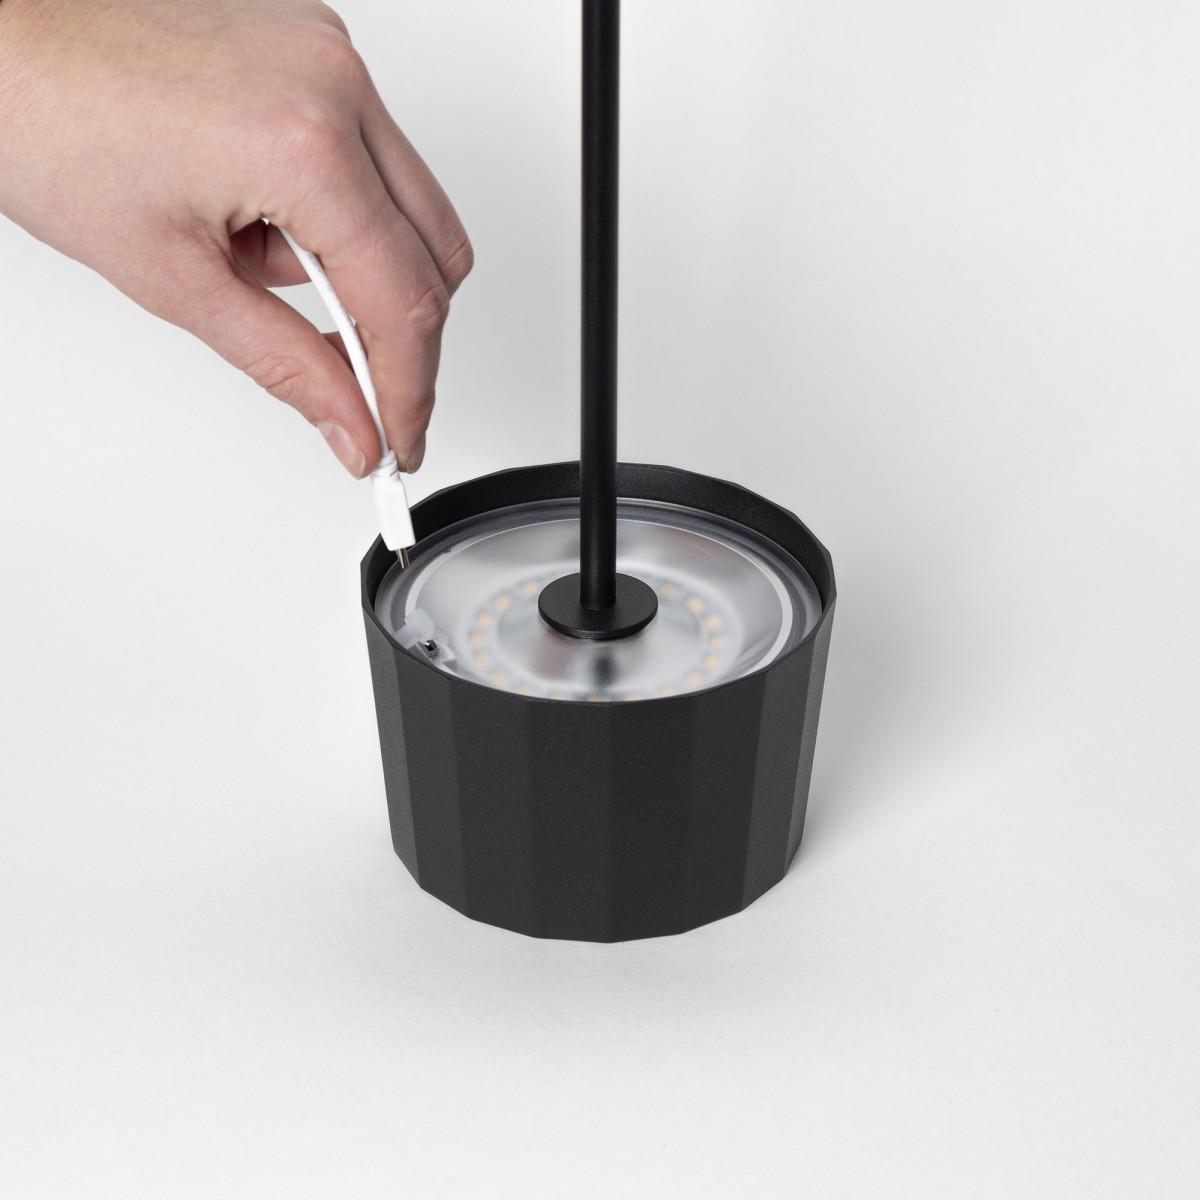 Tafellamp Lido Touch corten kleurig met USB